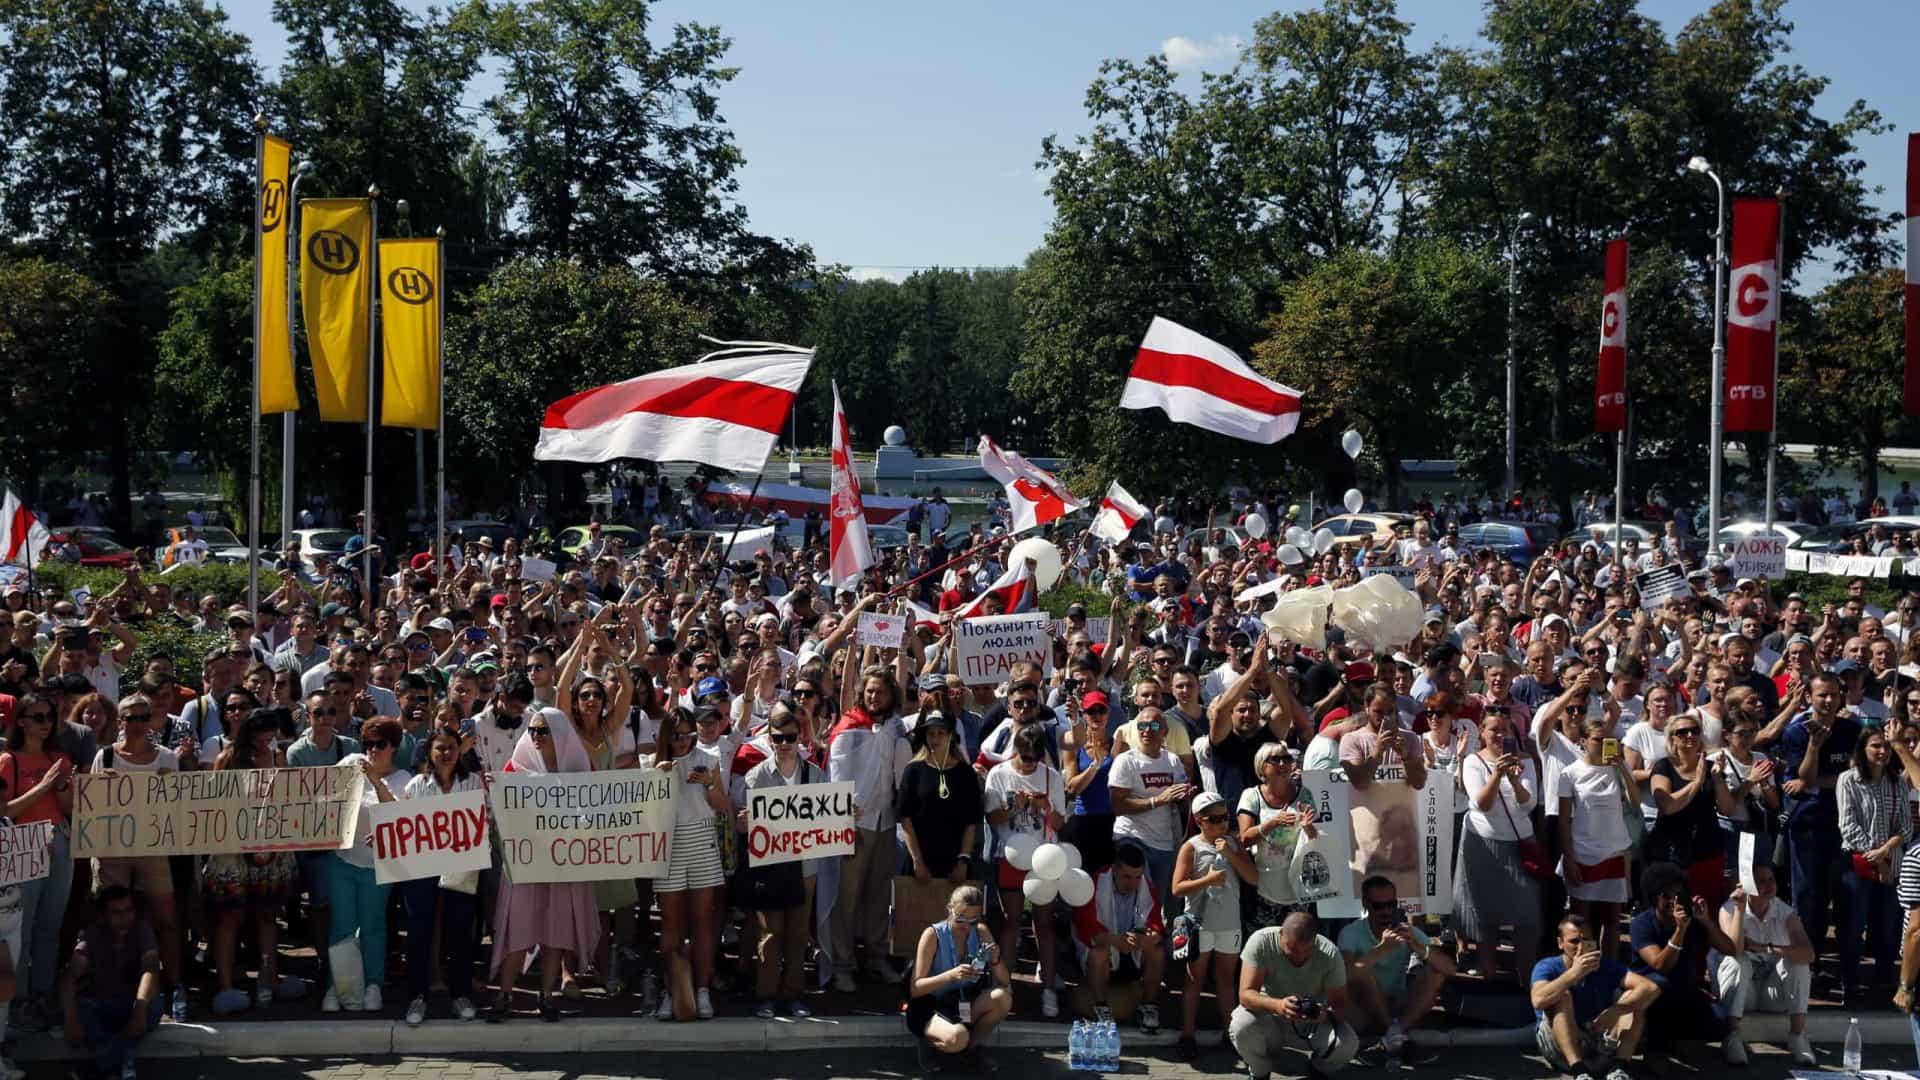 Grupo de Visegrado pede solução política para a crise na Bielorrússia